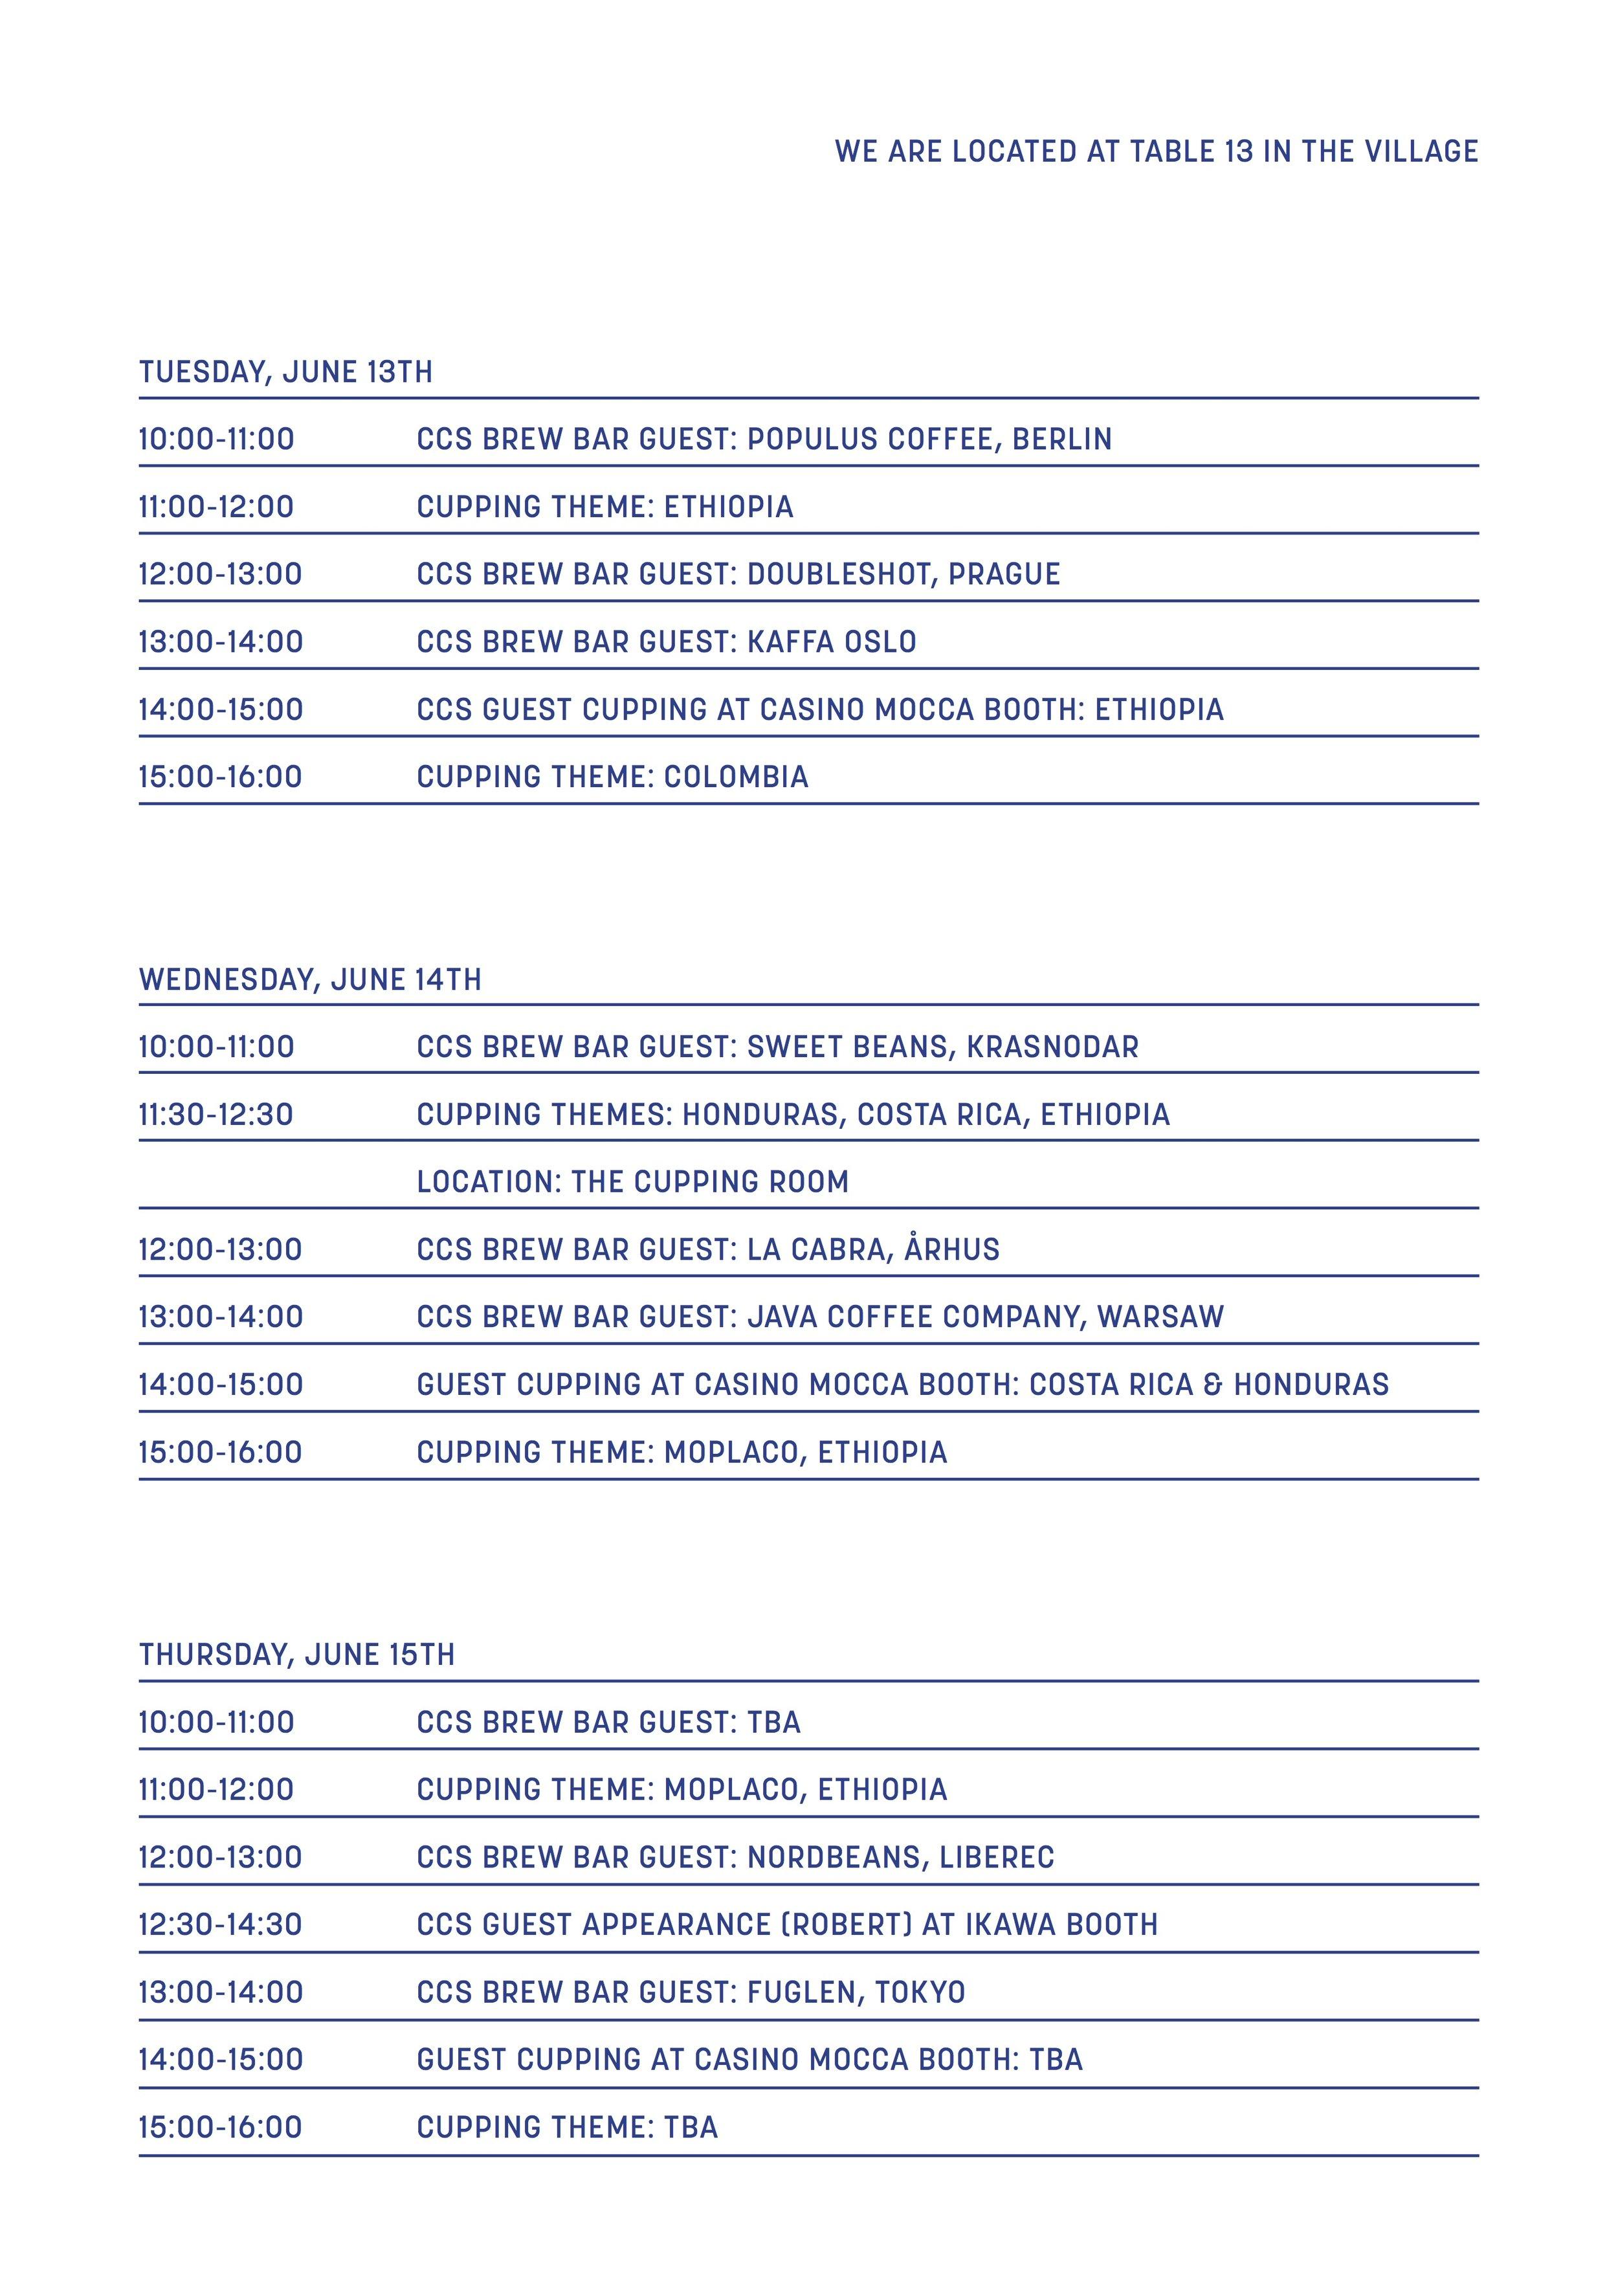 digital-schedule.jpg